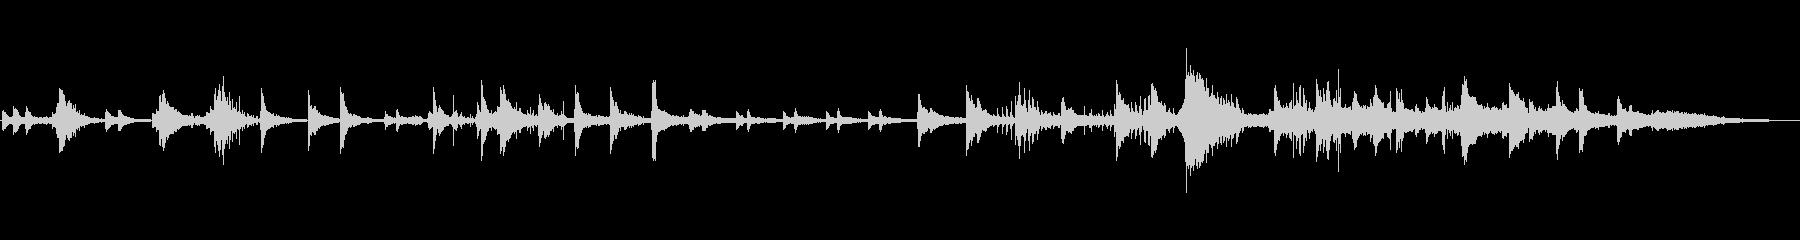 フリーテンポの落ち着いたピアノ曲の未再生の波形